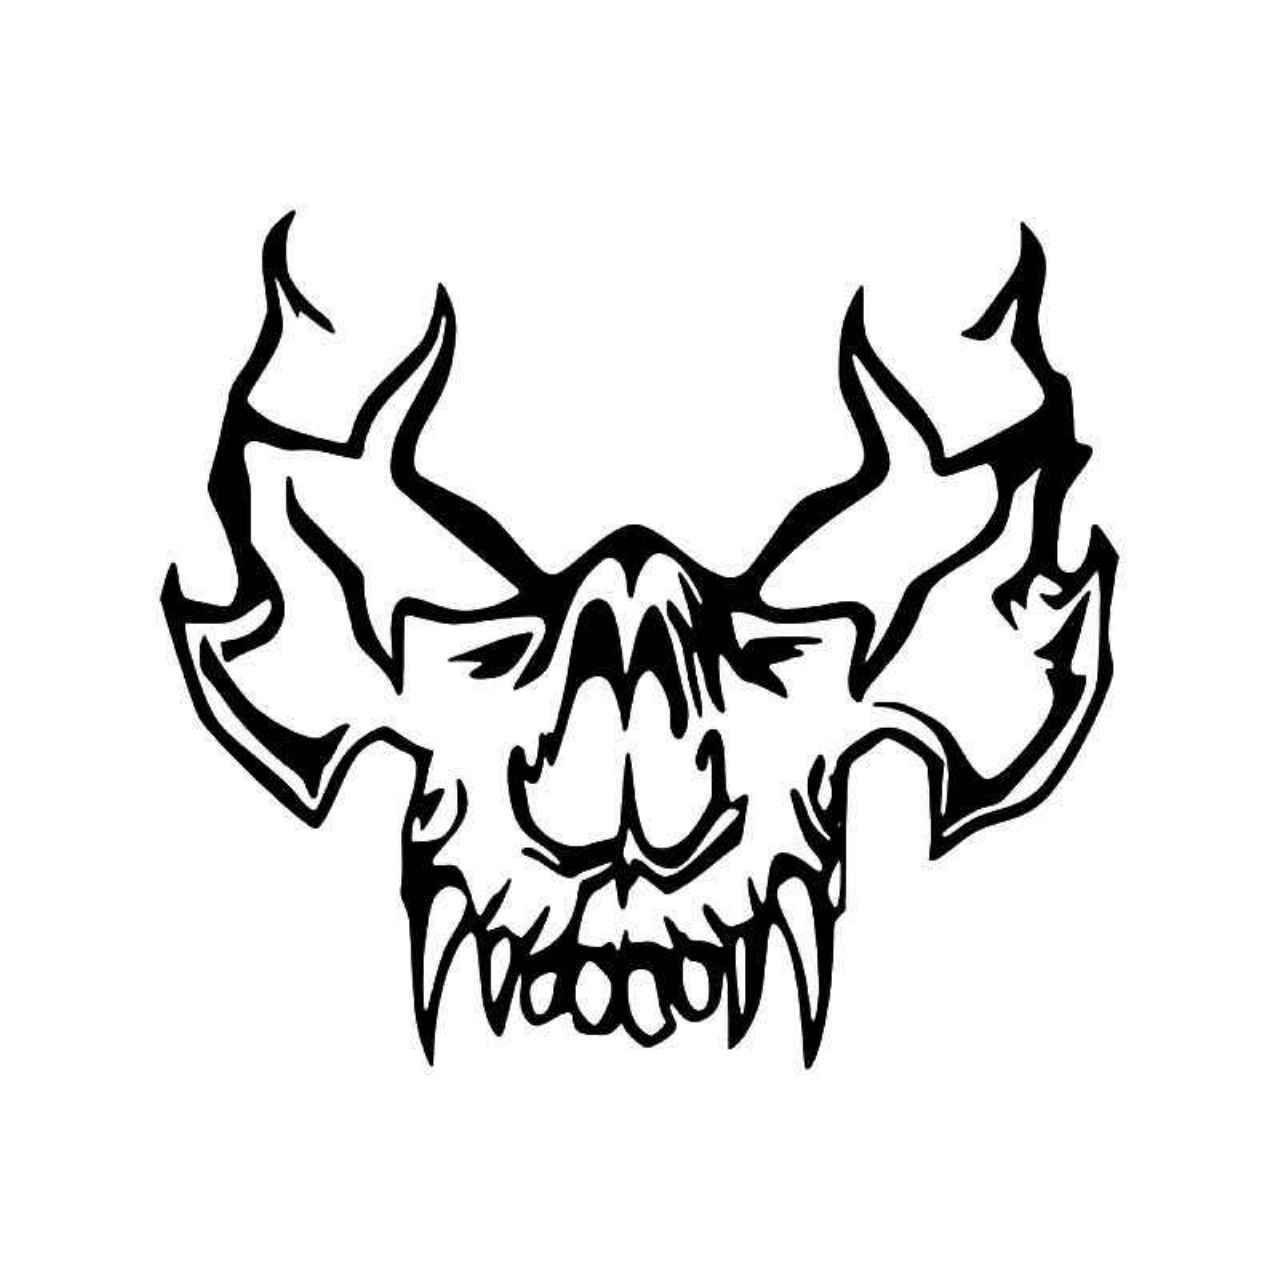 Tribal vampire skull 5 vinyl decal sticker ballzbeatz com